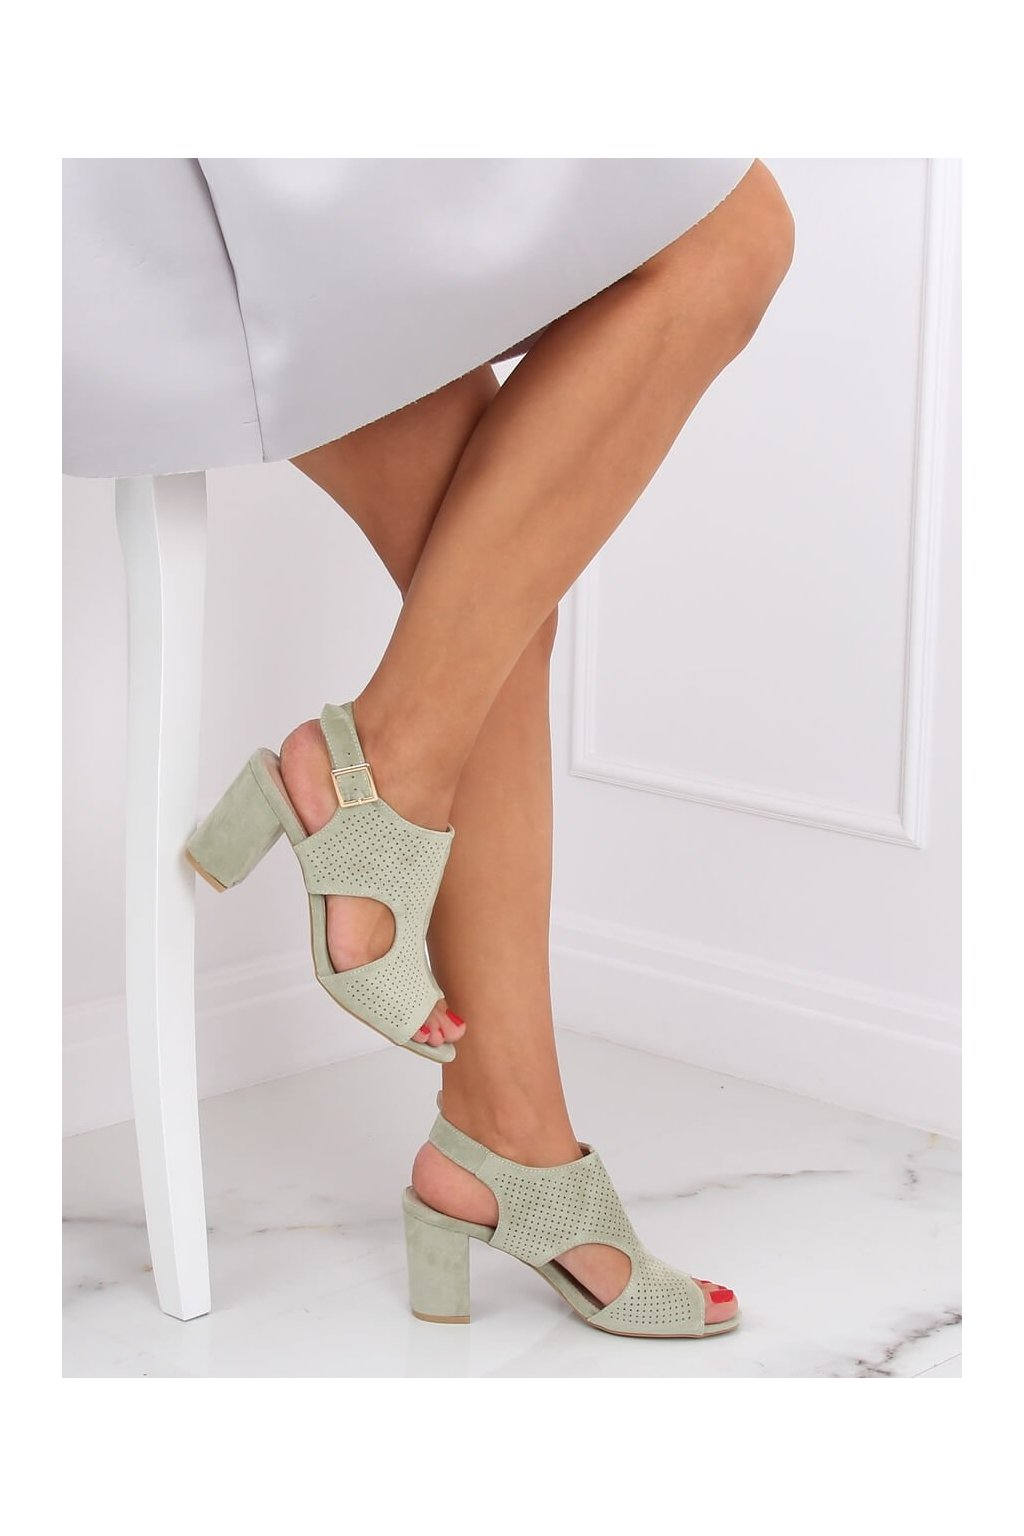 Damske sandále zelené na stĺpovom podpätku 99-33A